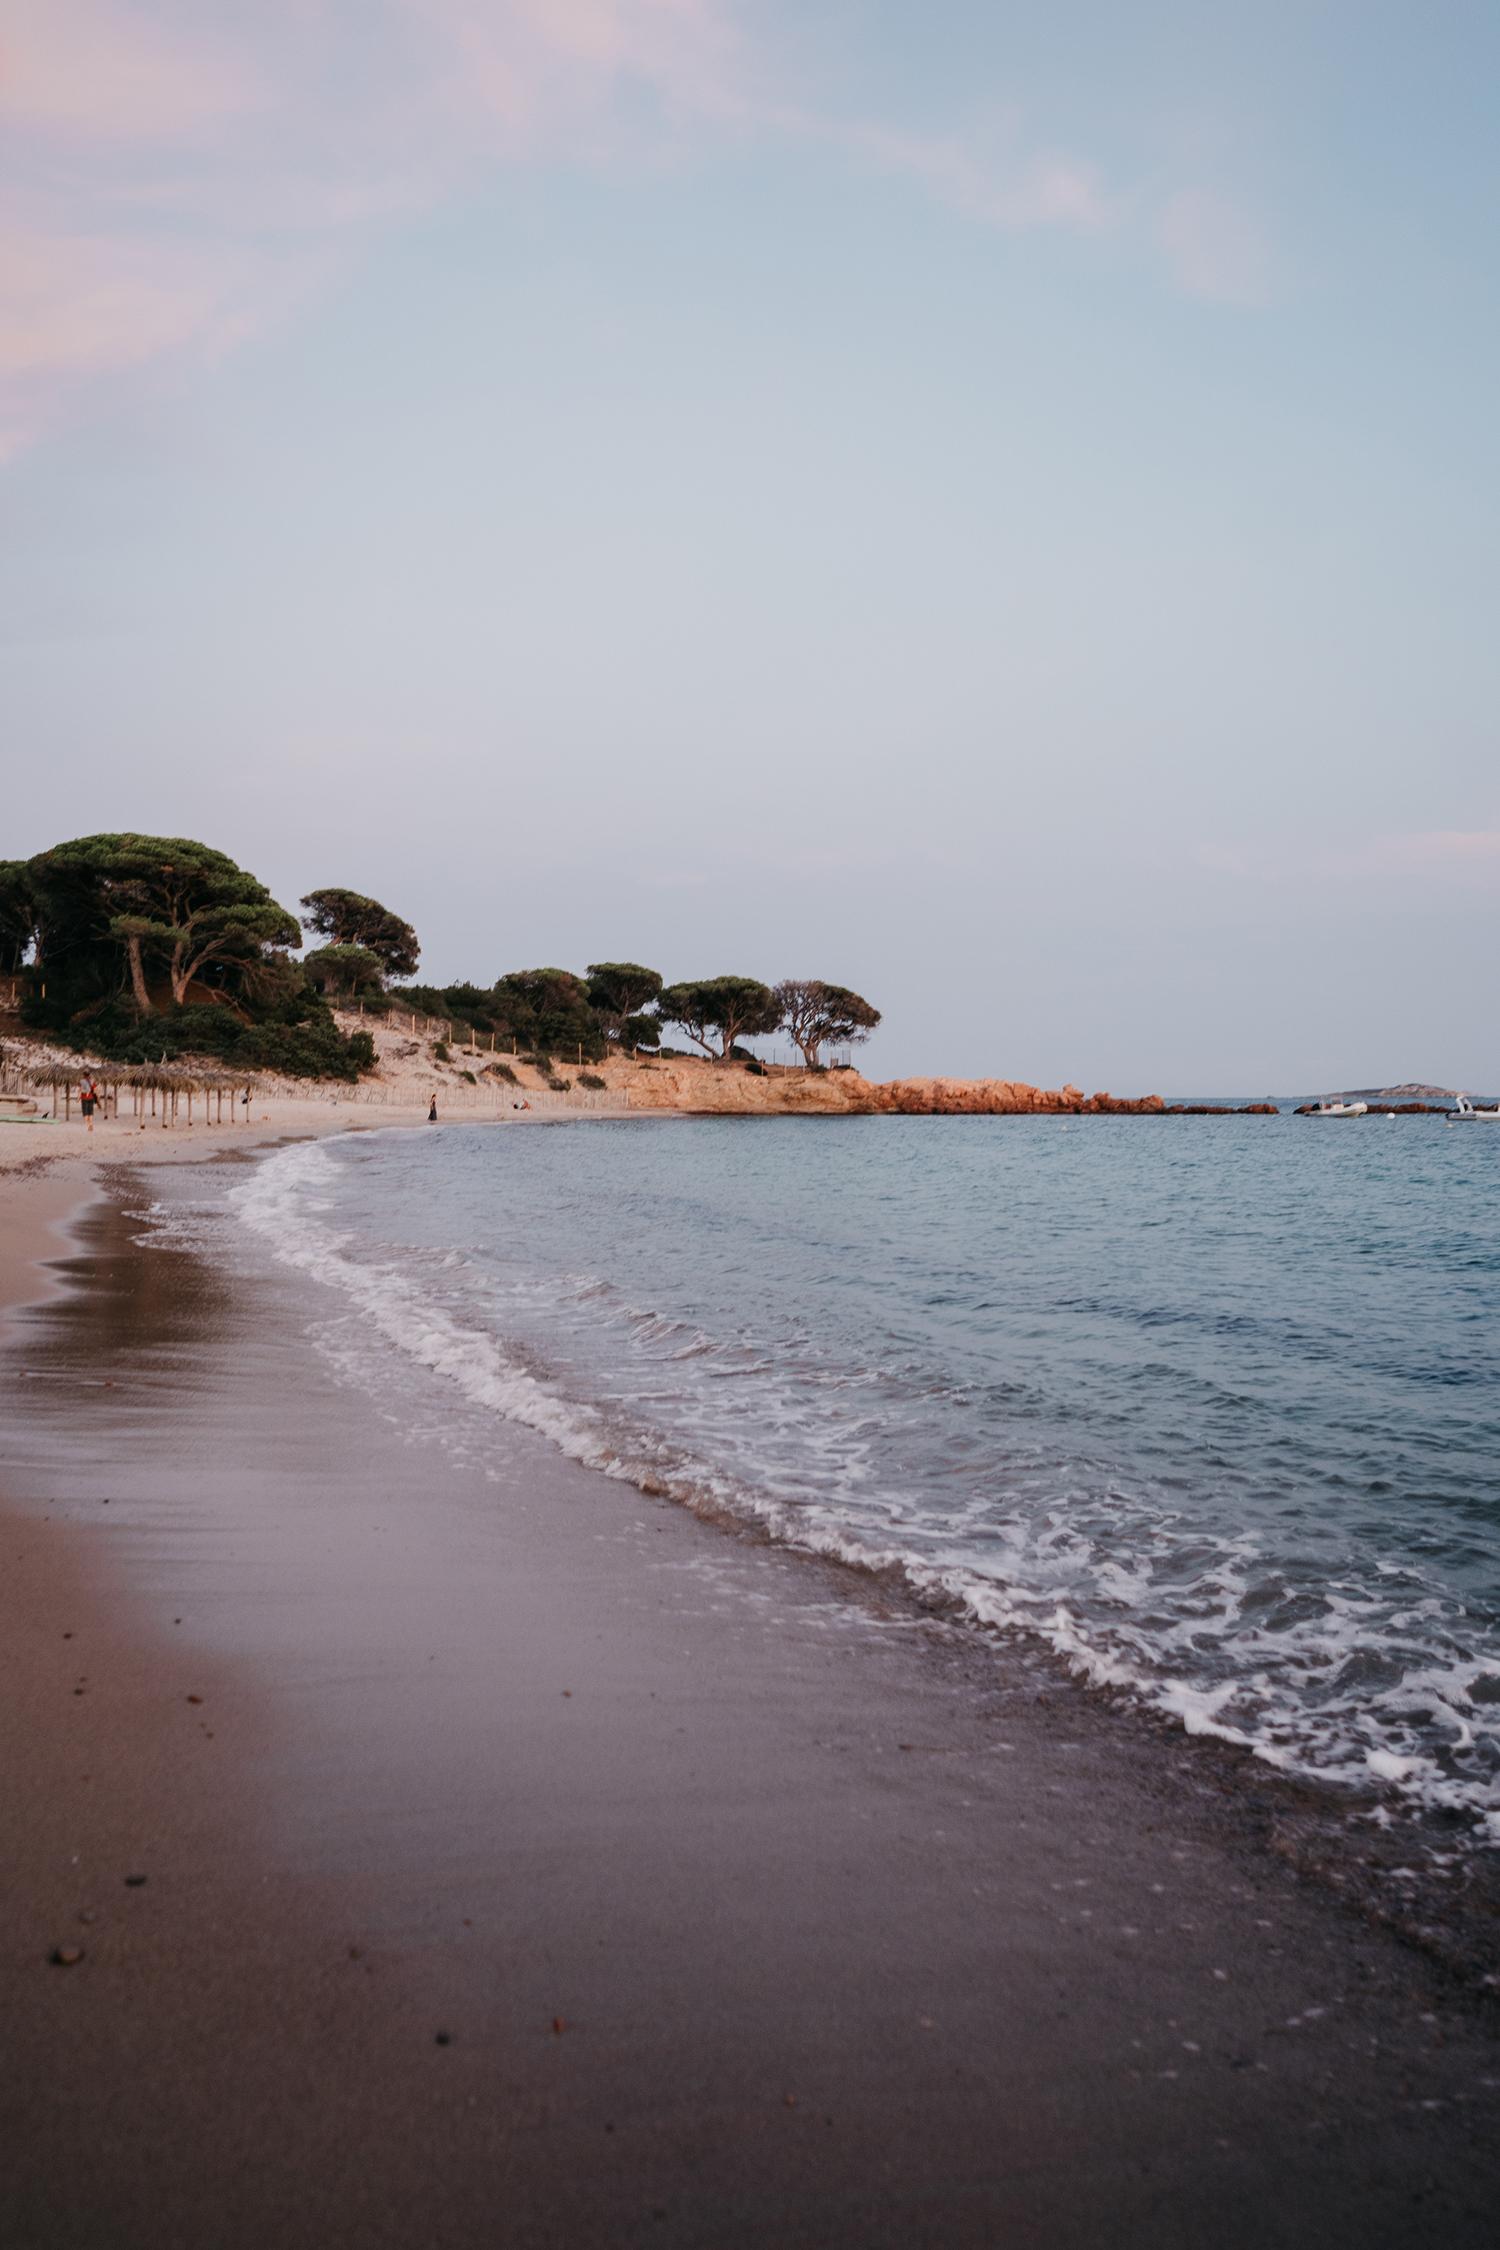 Servizio fotografico reportage di Famiglia. Panorama spiaggia rosa  al tramonto. Palombaggia, Santa Giulia, Corsica. by rebecca rinaldi photography